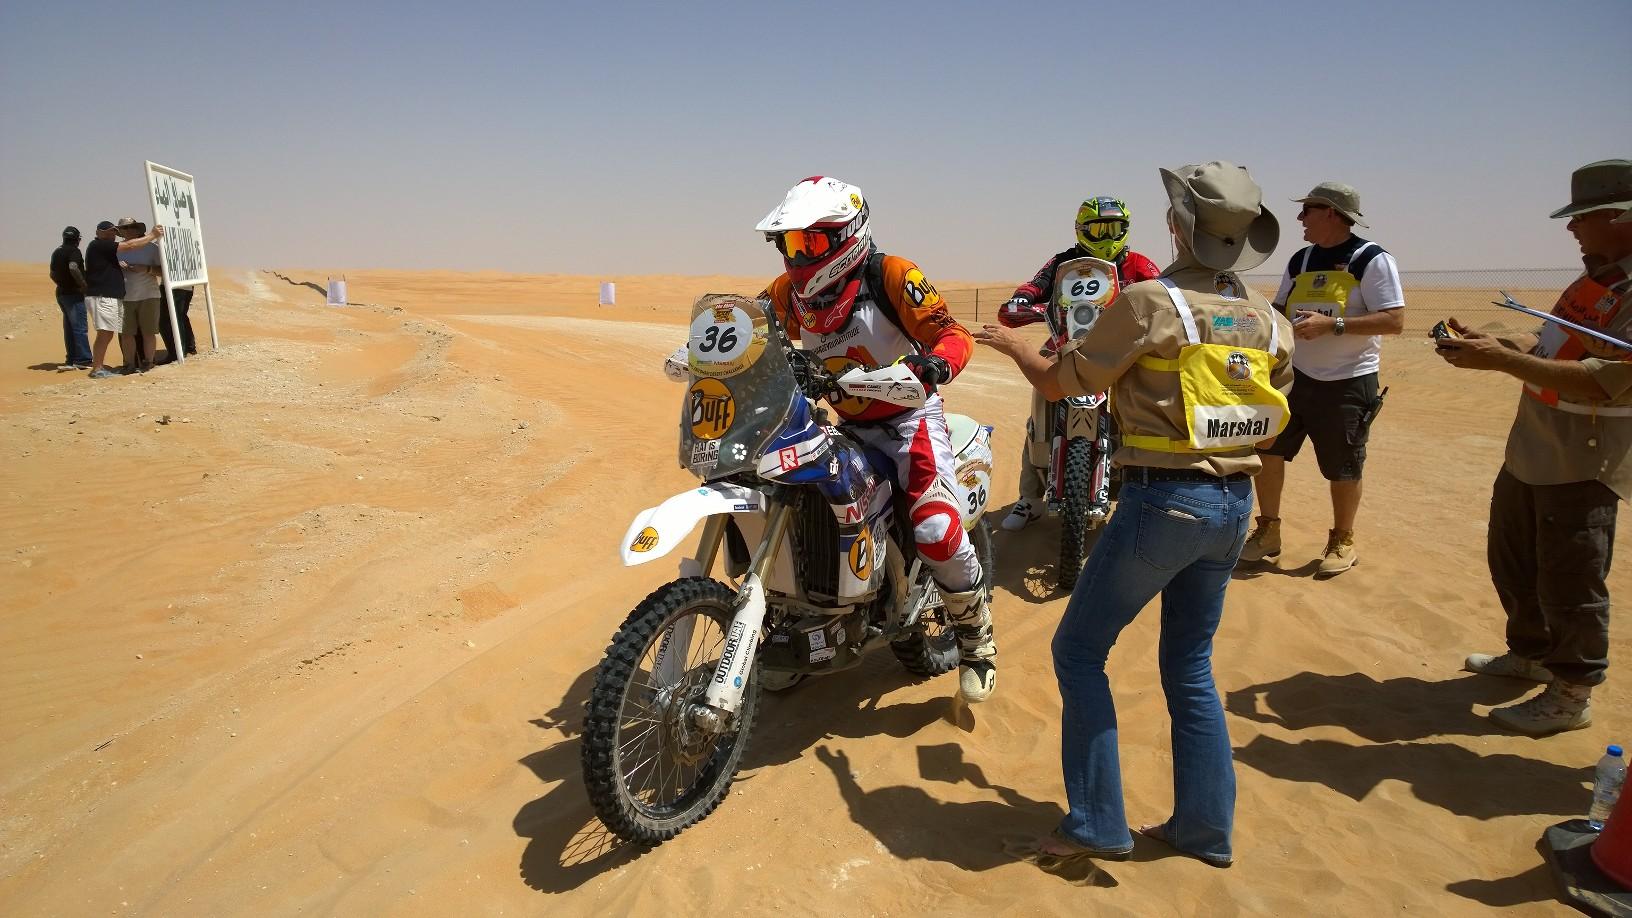 Abu Dhabi Desert Challenge 2015 Yamaha WR450F Rally 2